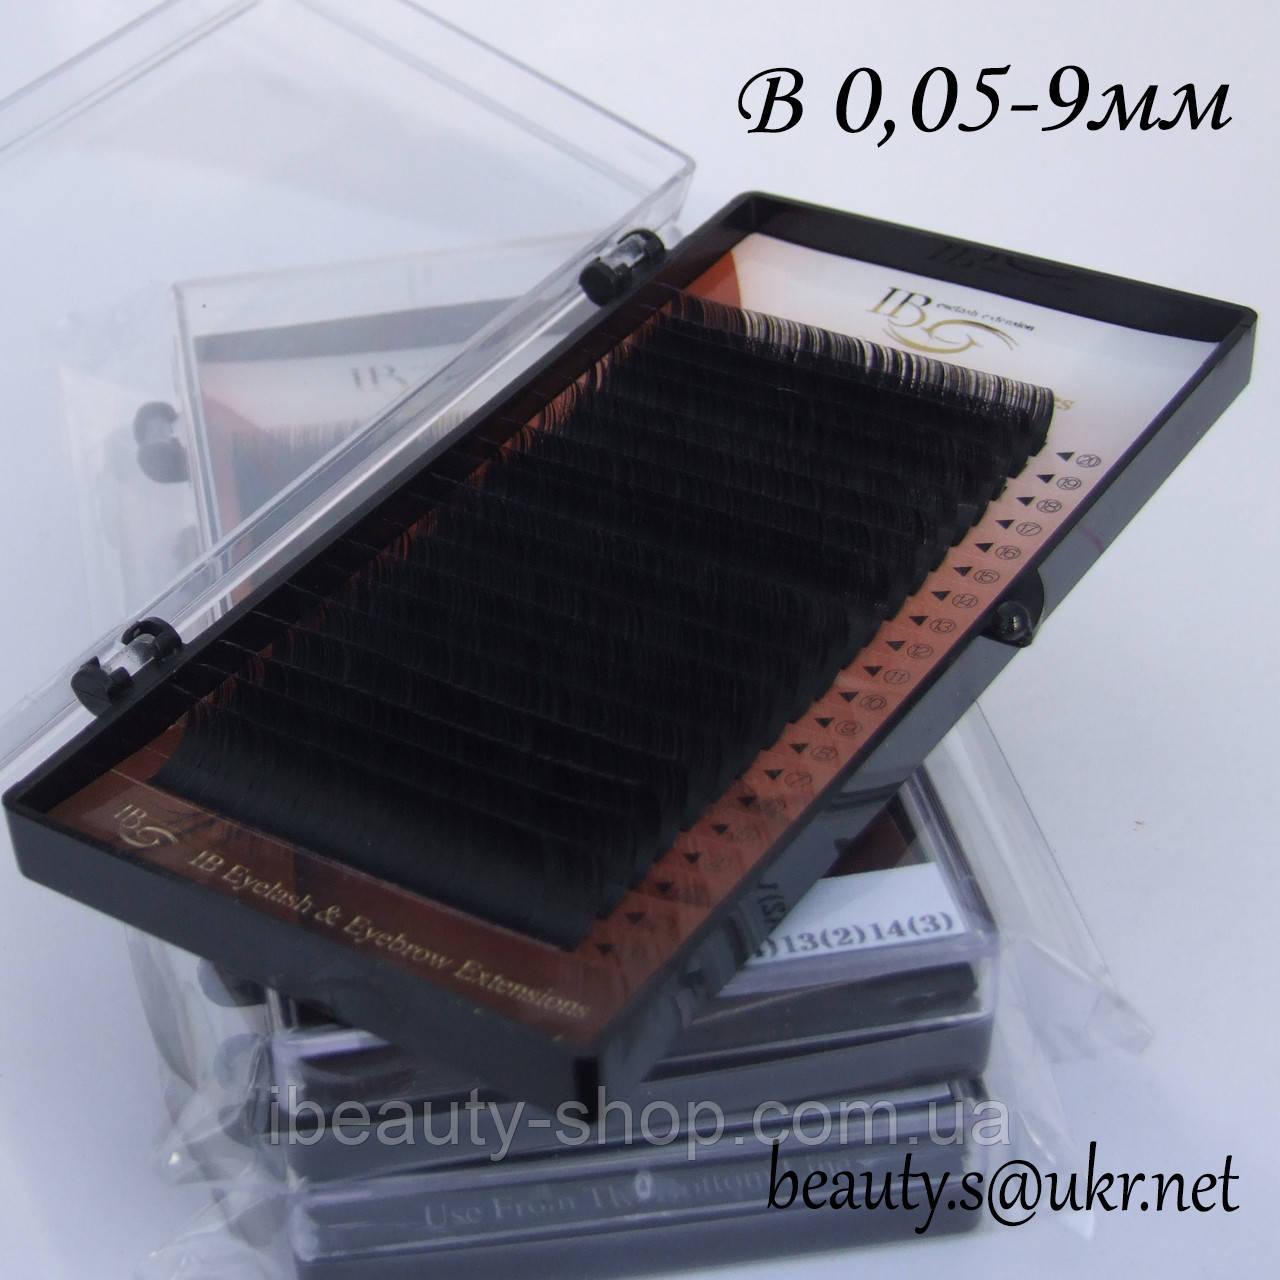 Вії I-Beauty на стрічці B 0,05-9мм